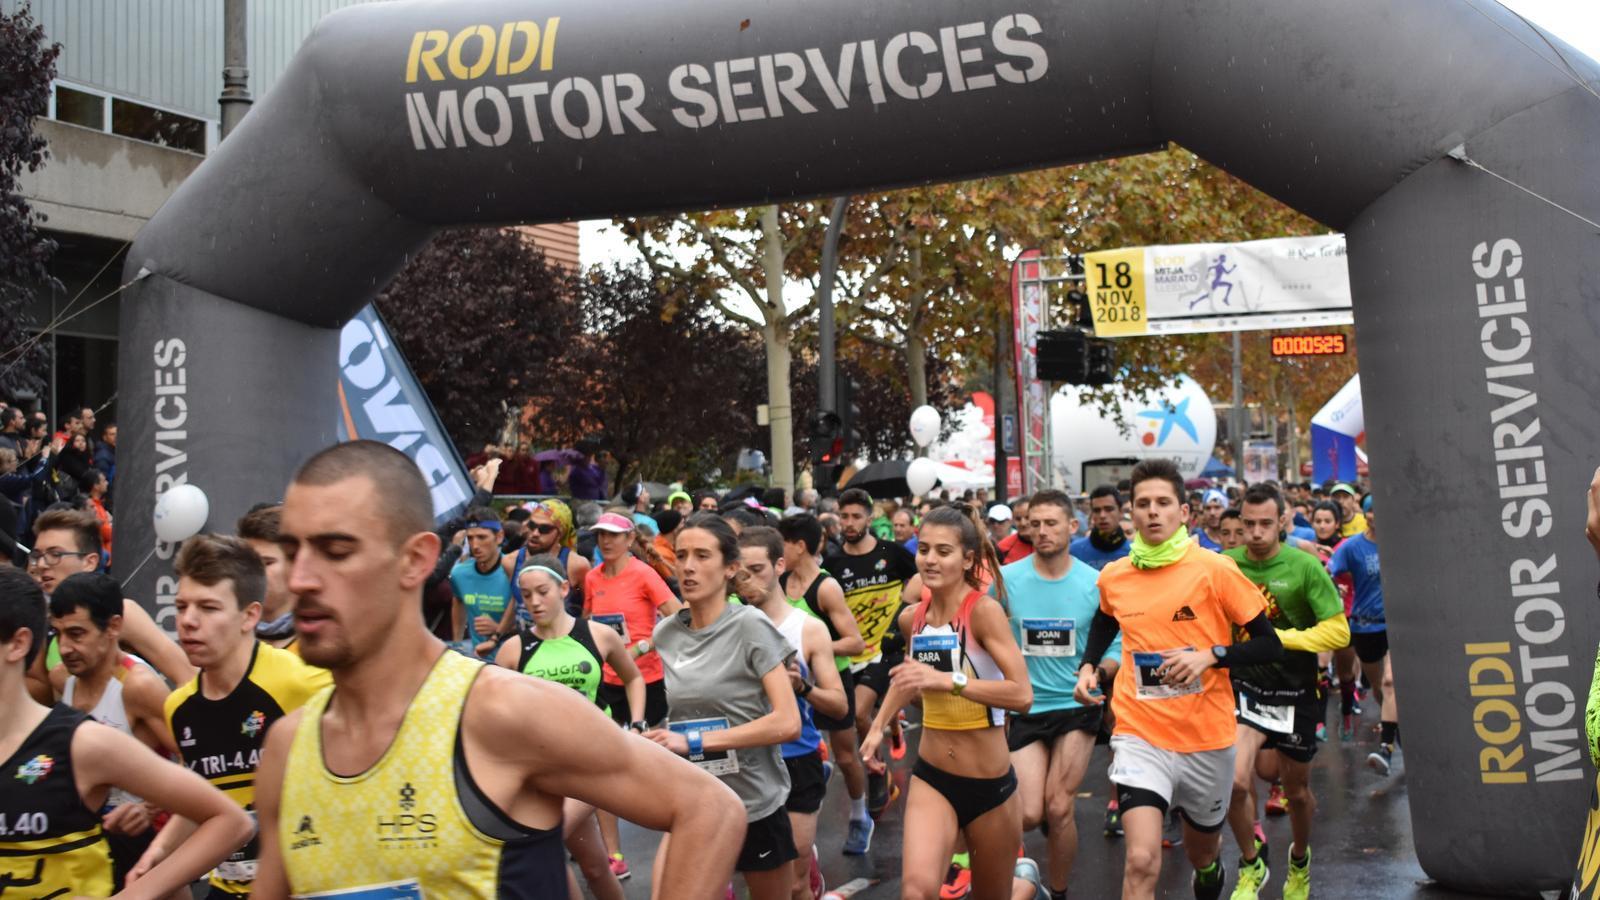 La Federació Catalana d'Atletisme homologa la Rodi Mitja Marató de Lleida